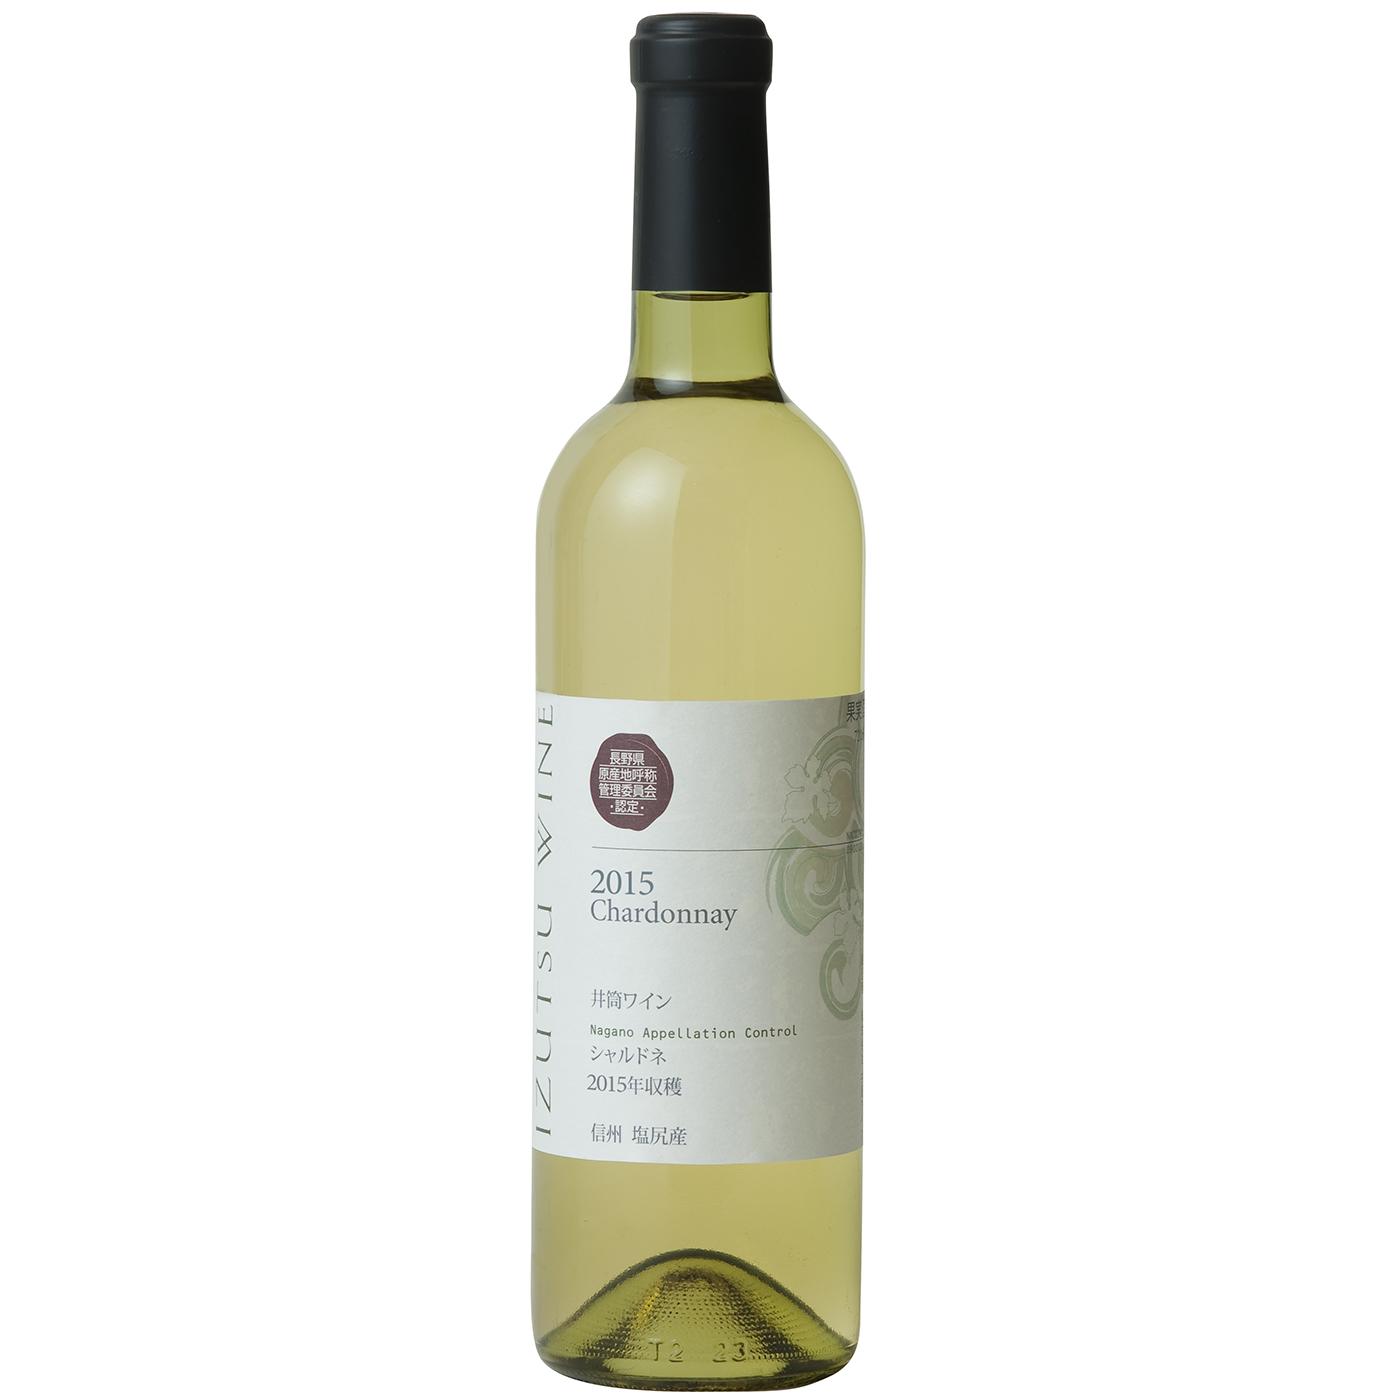 スッキリした味わいのシャルドネワインはバランスが良く、国際的な評価も高い。